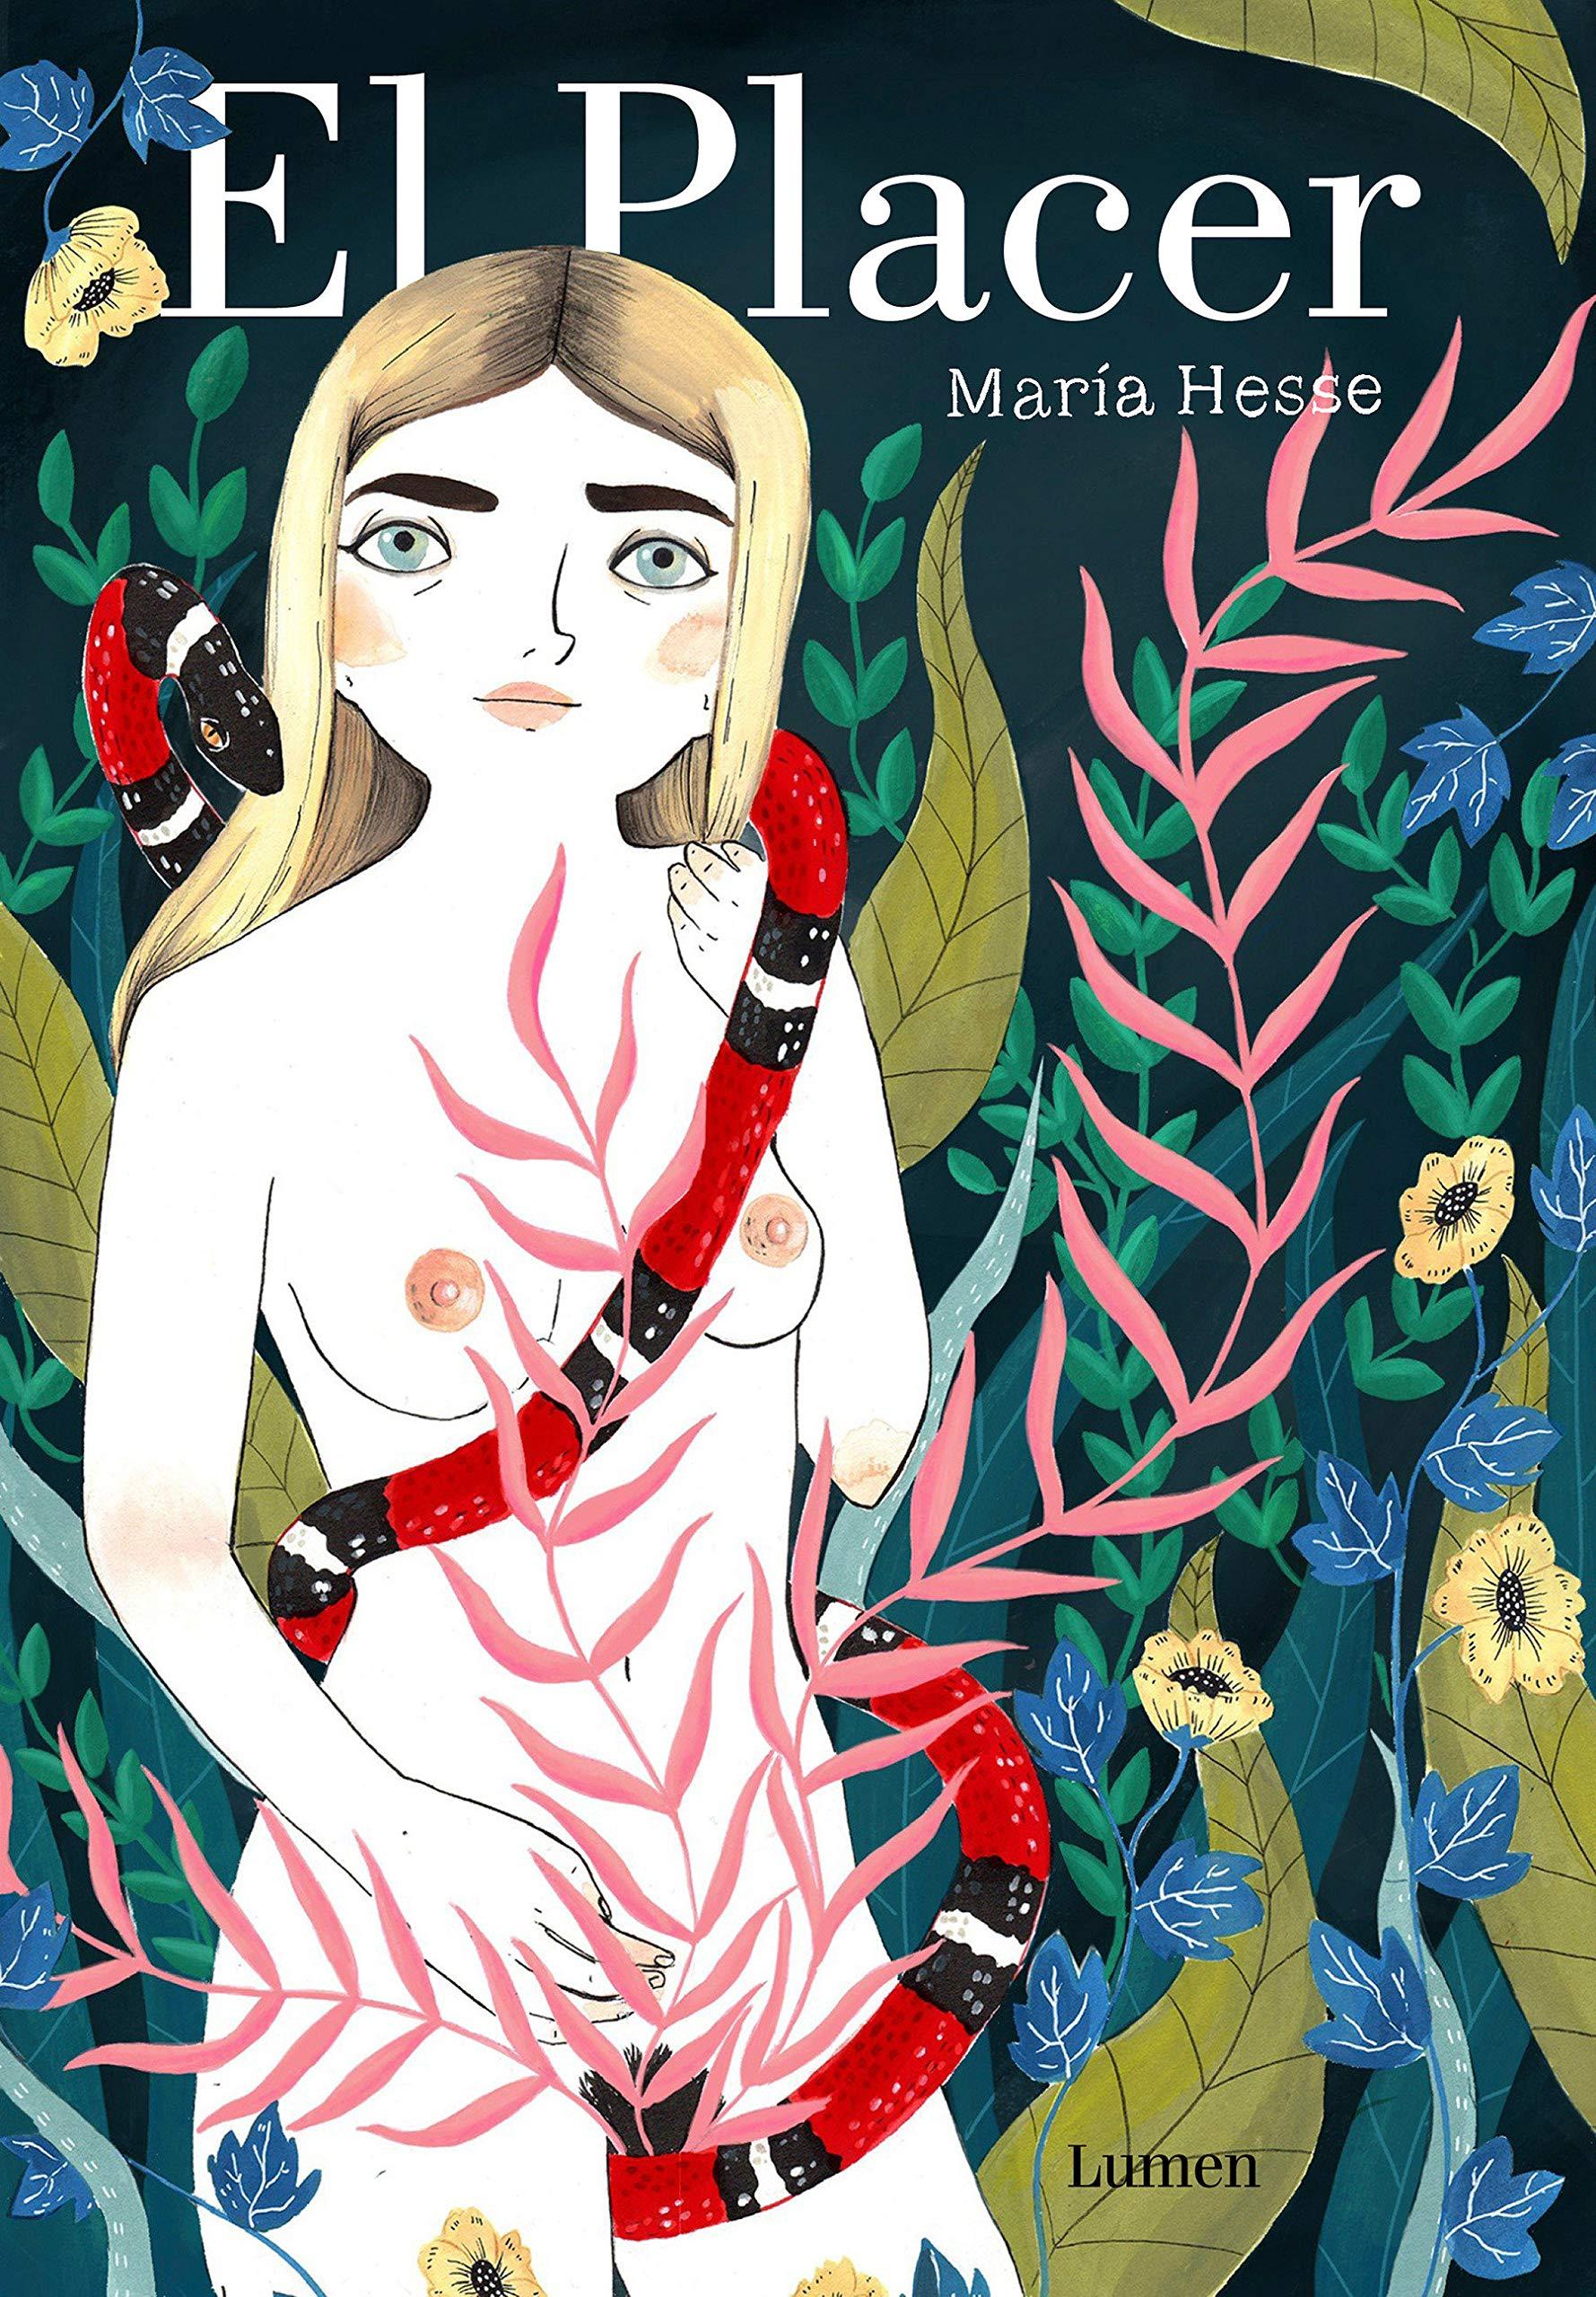 El placer (LIBROS ILUSTRADOS): Amazon.es: María Hesse: Libros